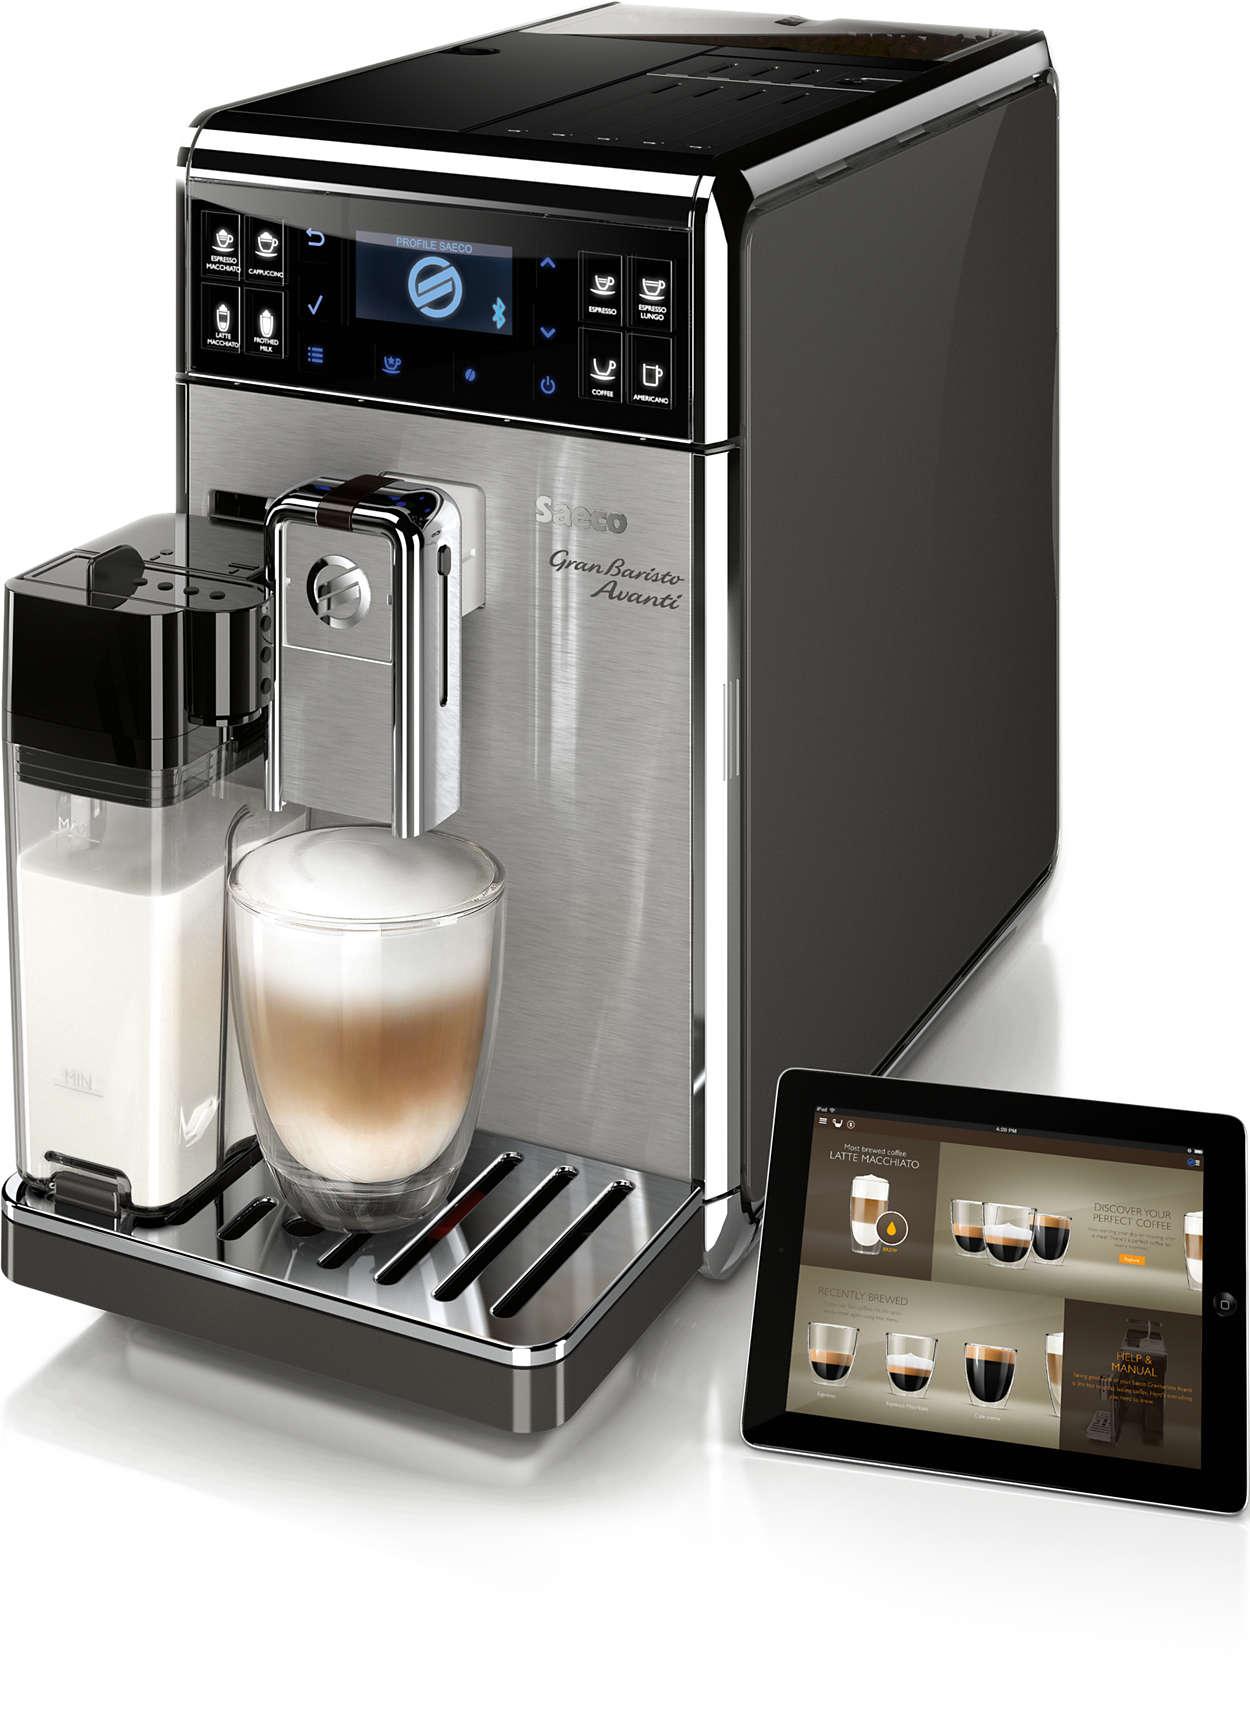 Cea mai avansată experienţă a cafelei de acasă